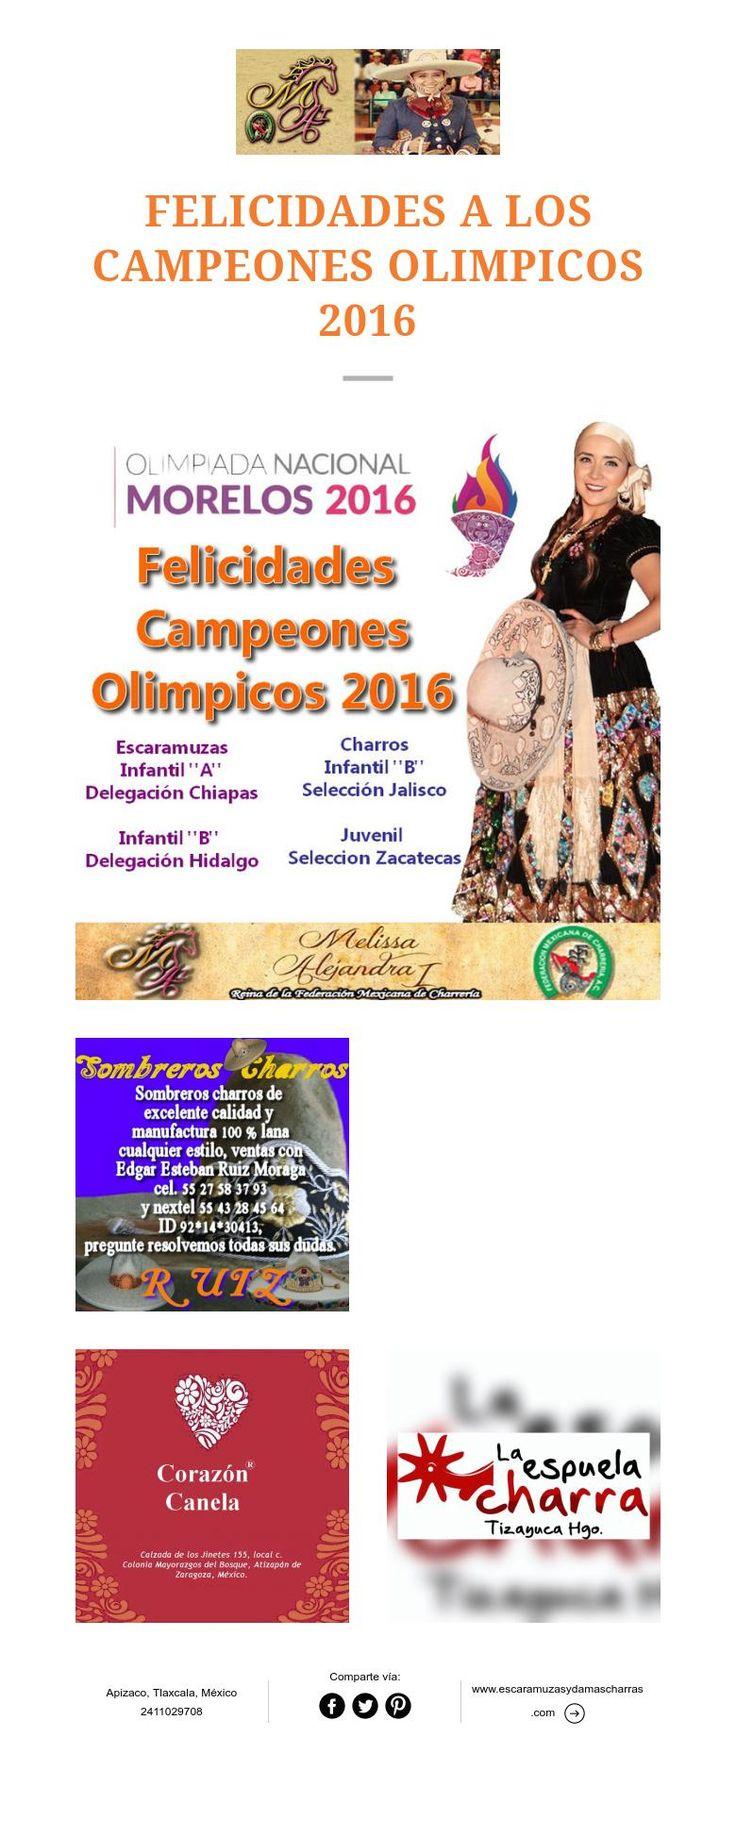 FELICIDADES A LOS CAMPEONES OLIMPICOS 2016